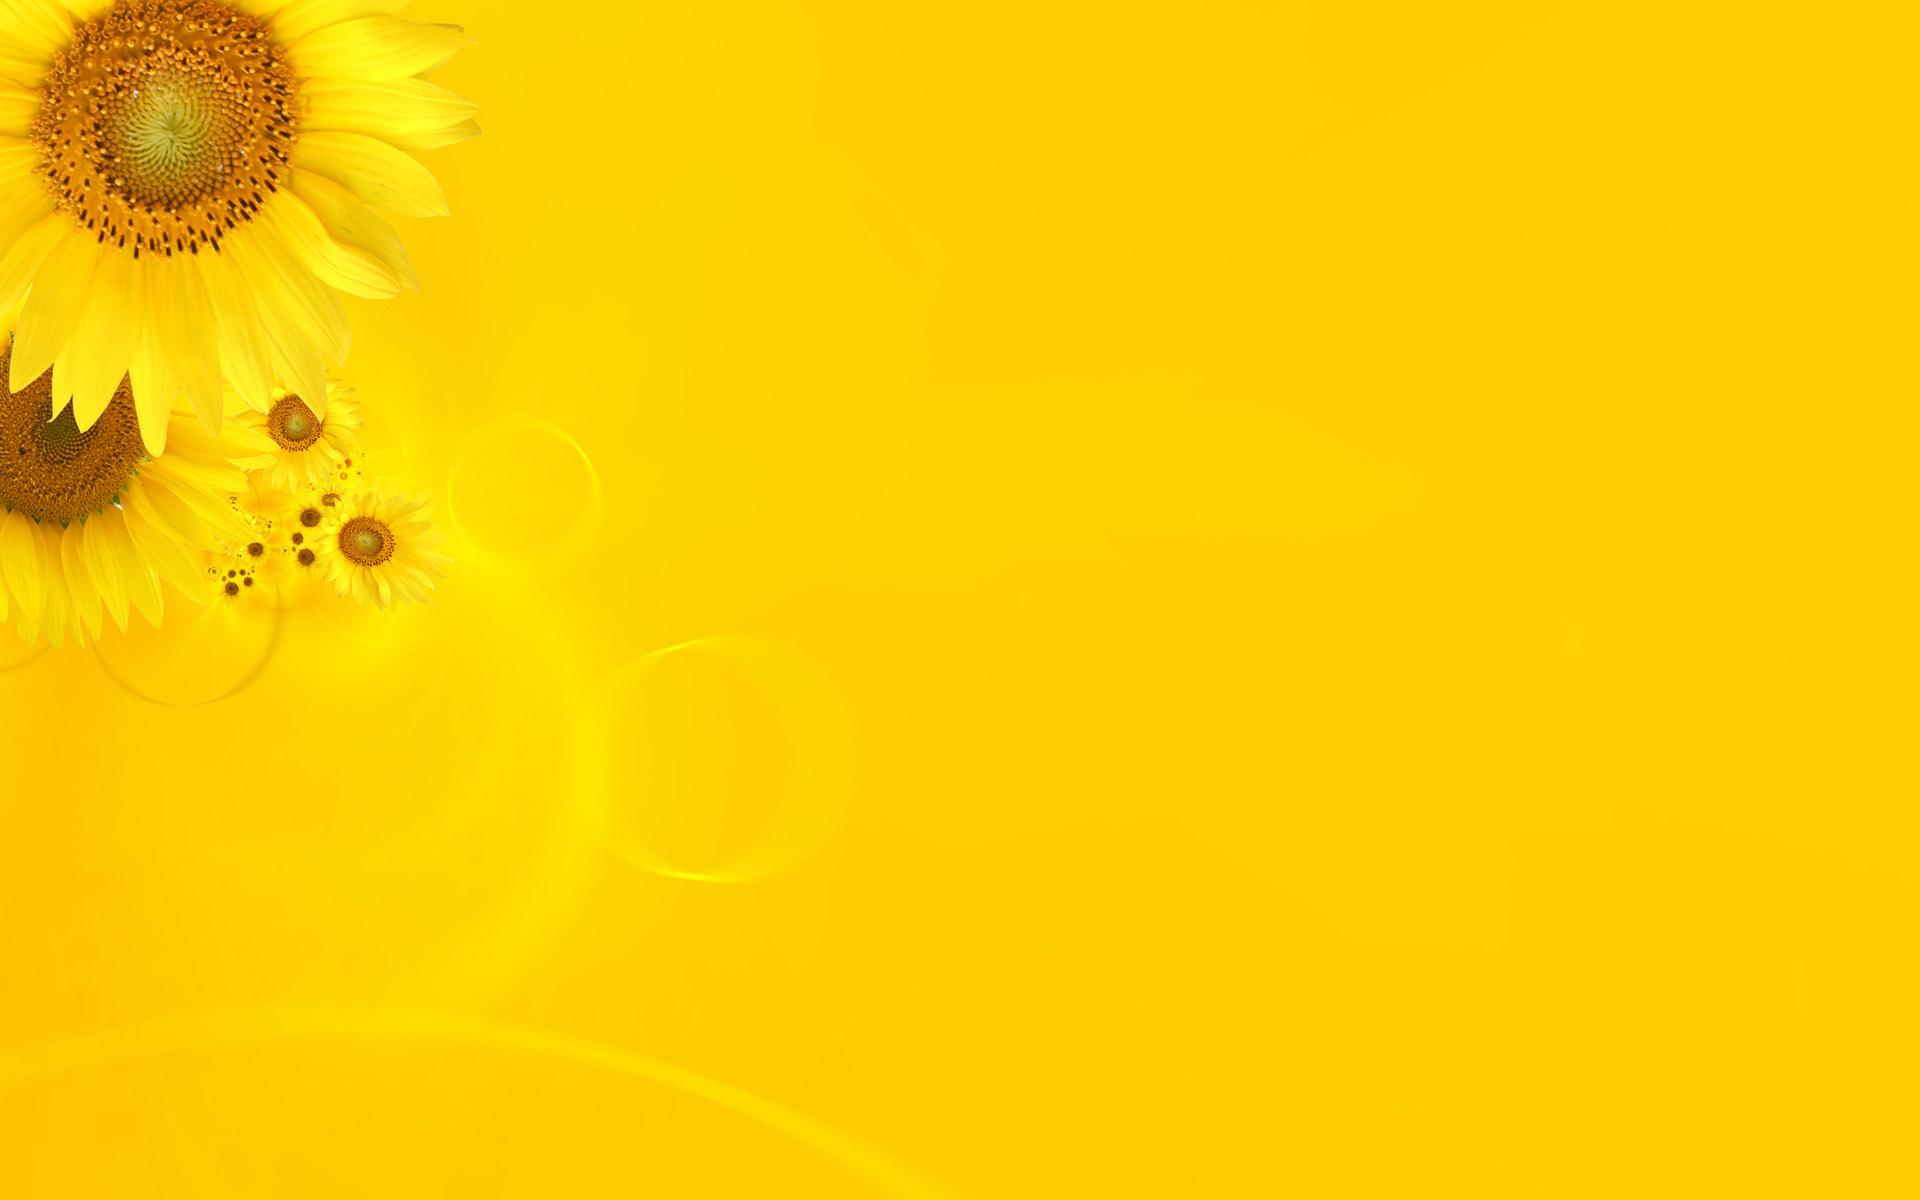 بالصور خلفية صفراء , الاصفر هو الافضل لخلفياتك 1818 7